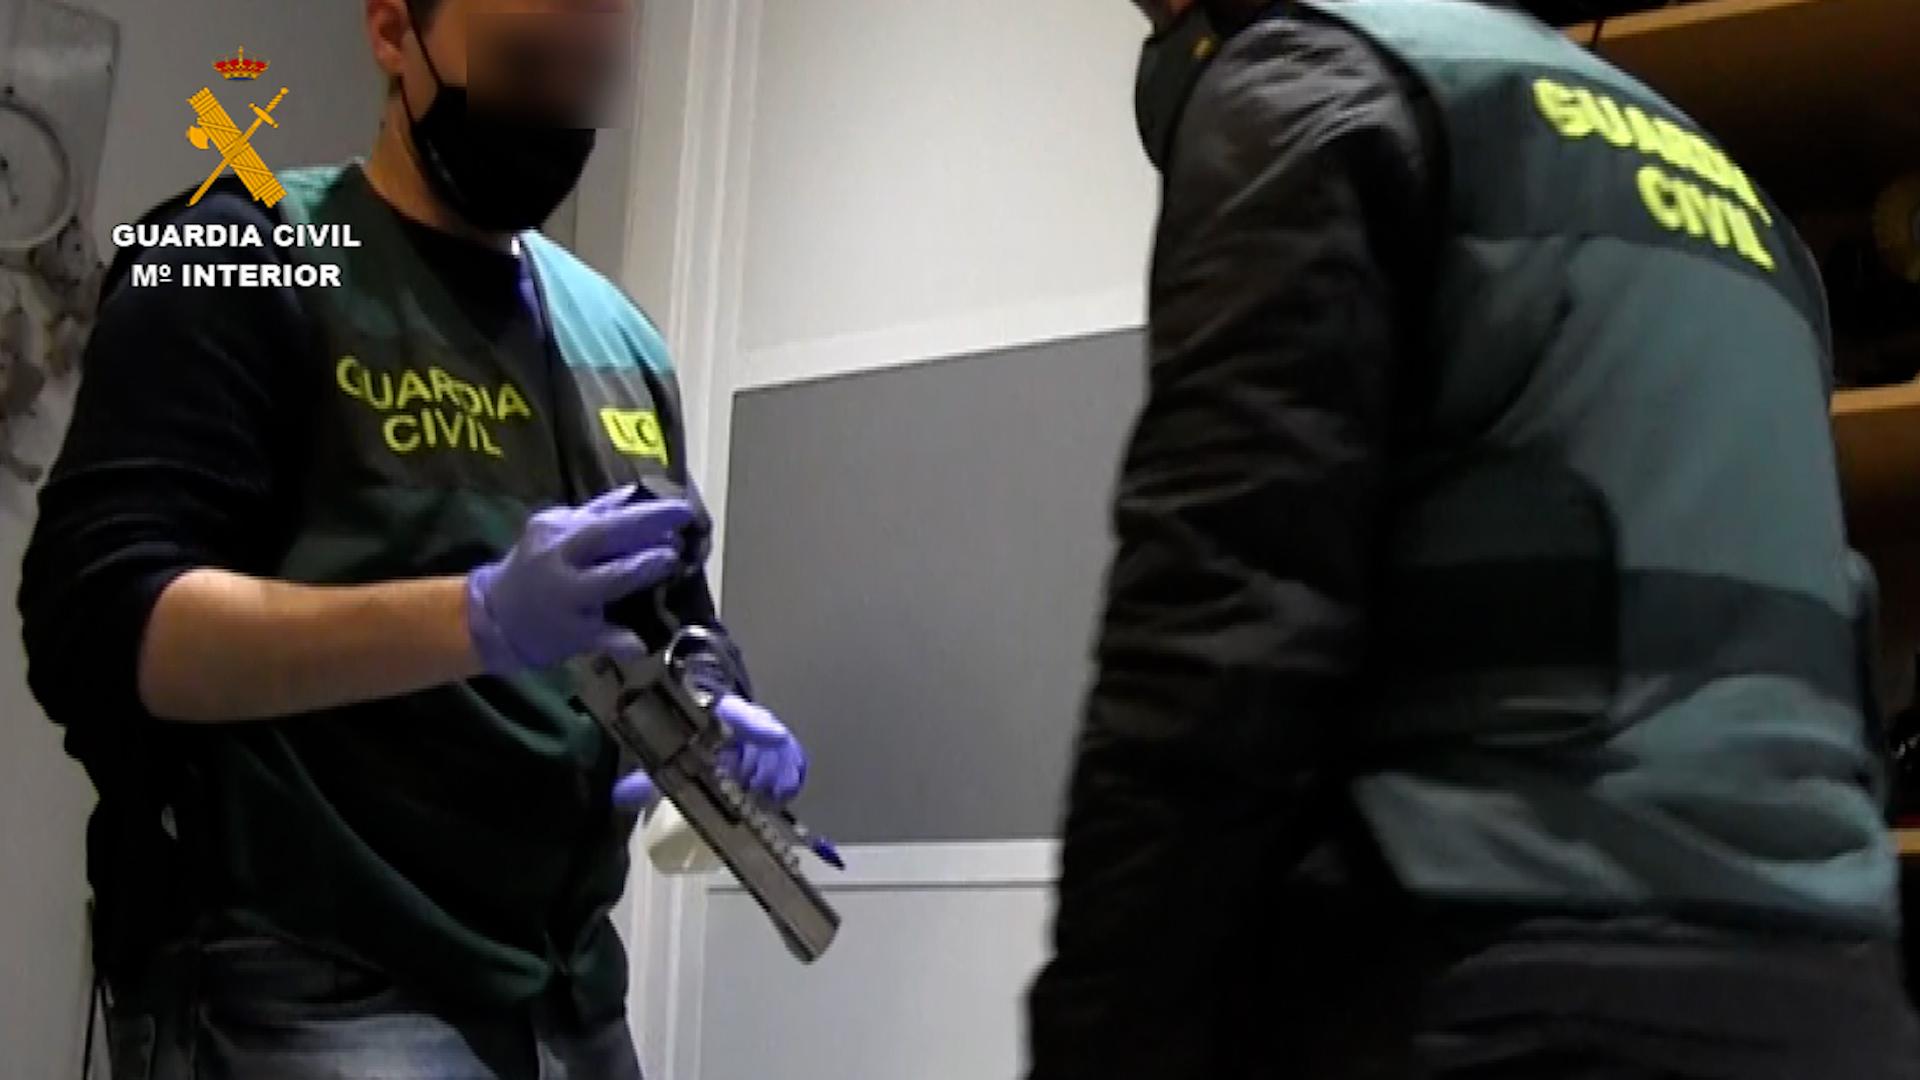 Desmantelado un entramado delincuencial especializado en tráfico de drogas y blanqueo de capitales